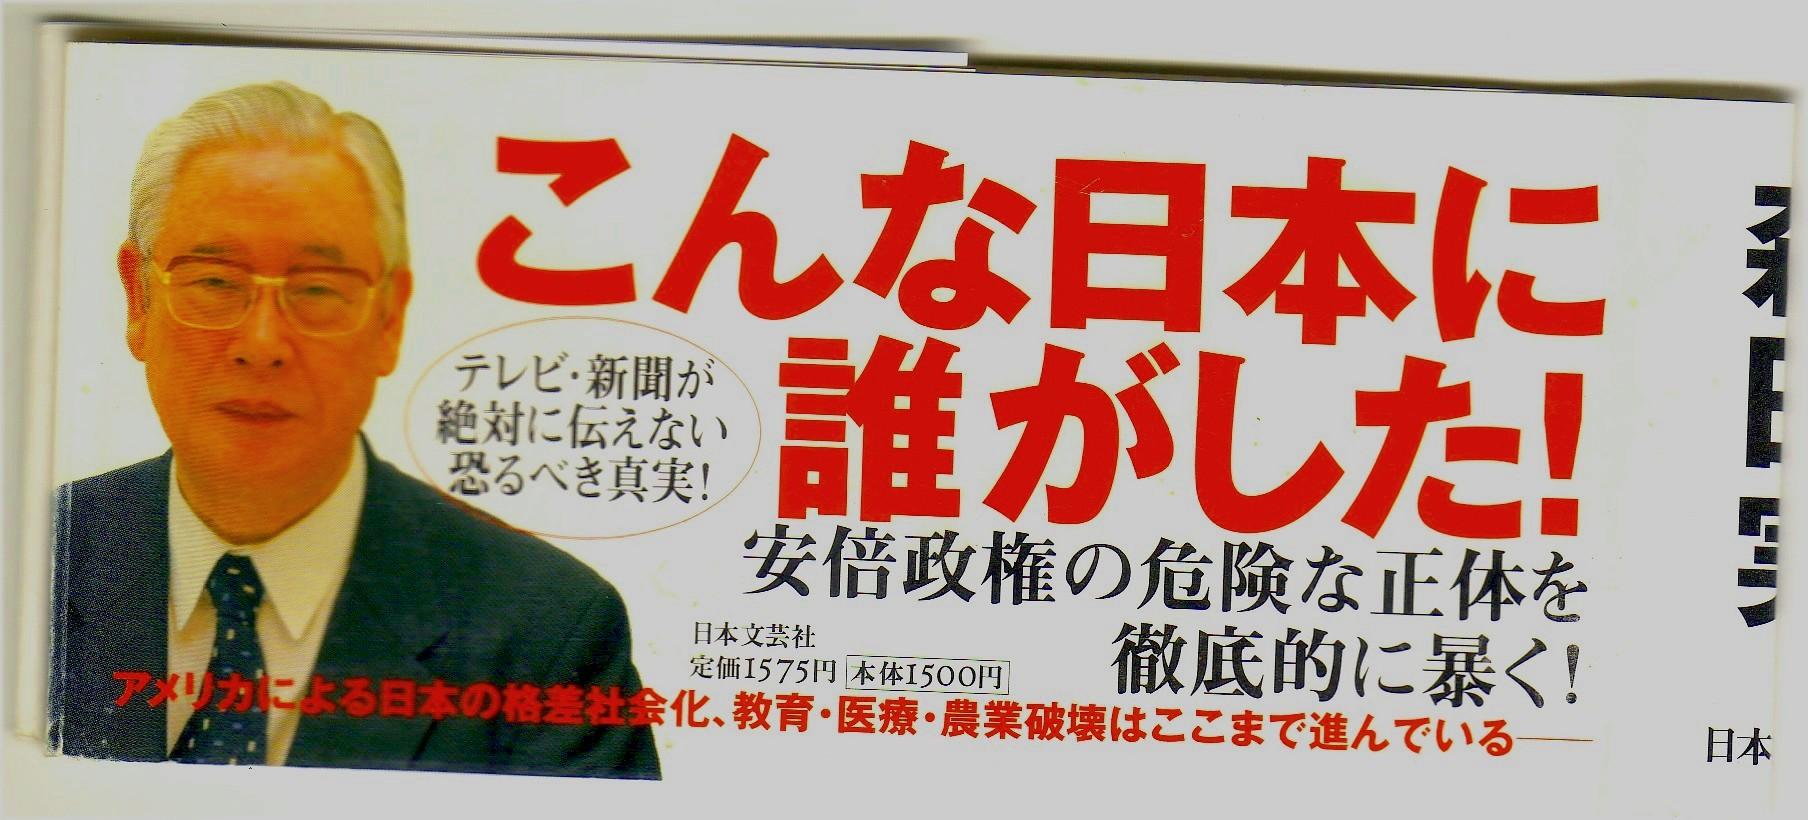 森田実政治講演会_f0165519_18442771.jpg